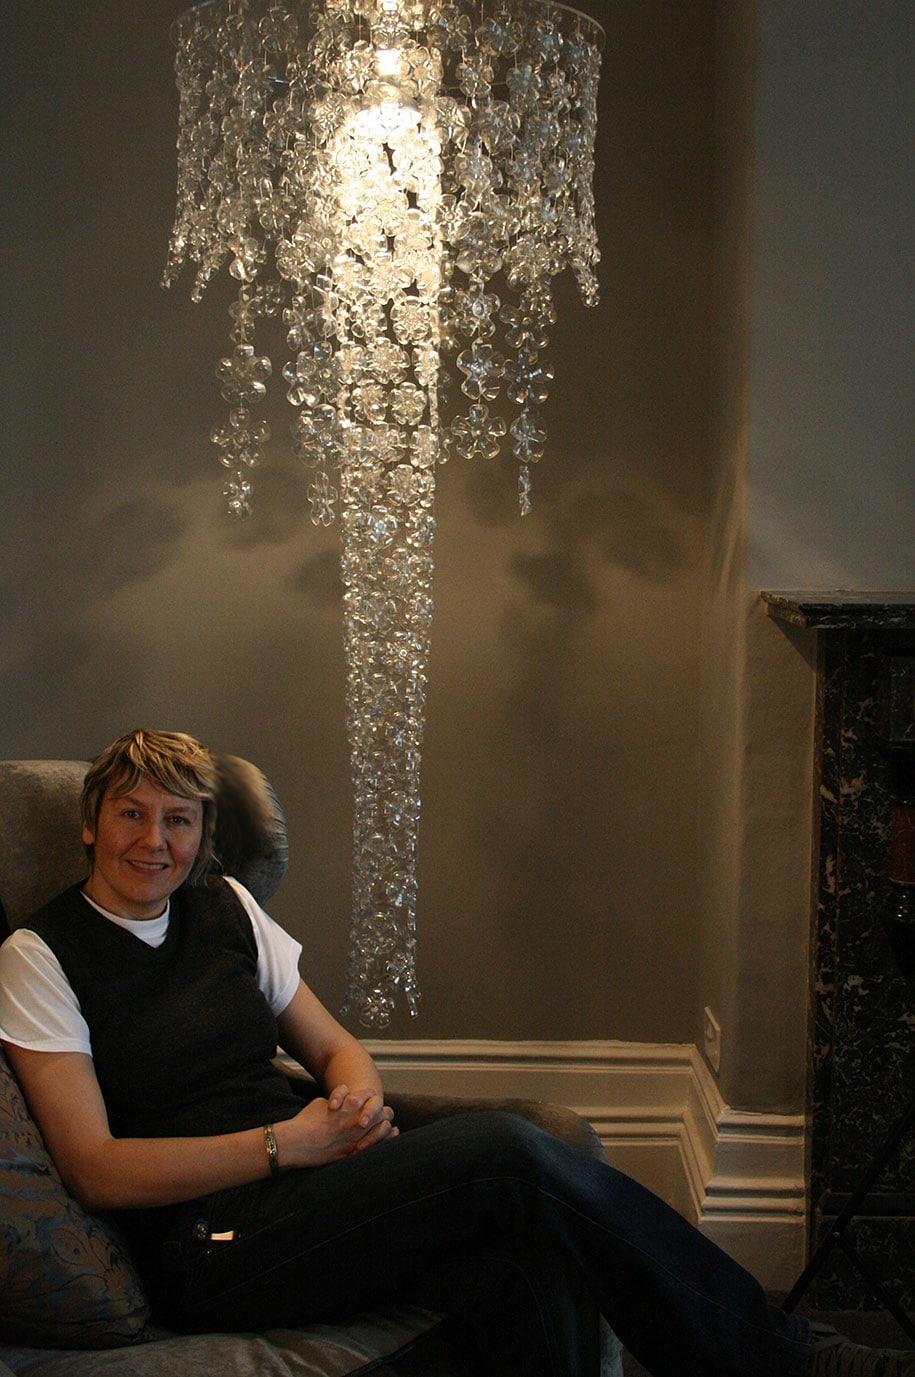 diy-lamps-chandeliers-interior-design-ideas-44